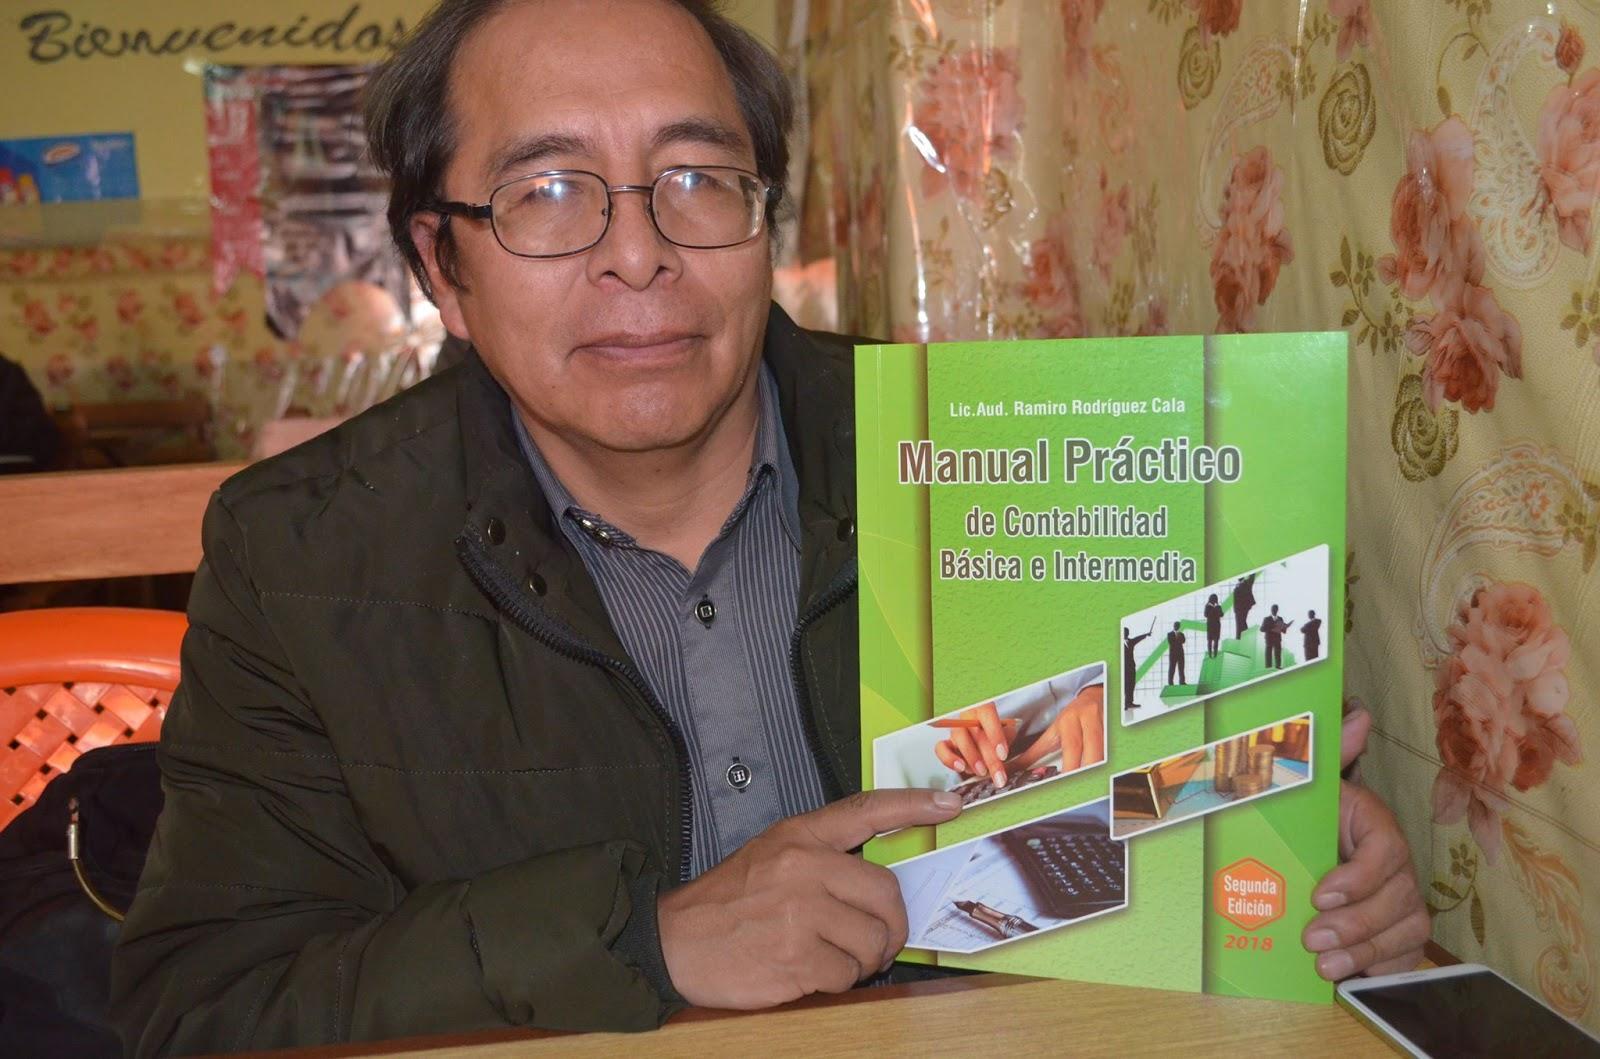 El autor con la tercera edición del libro sobre Contabilidad / ALBERTO MEDRANO